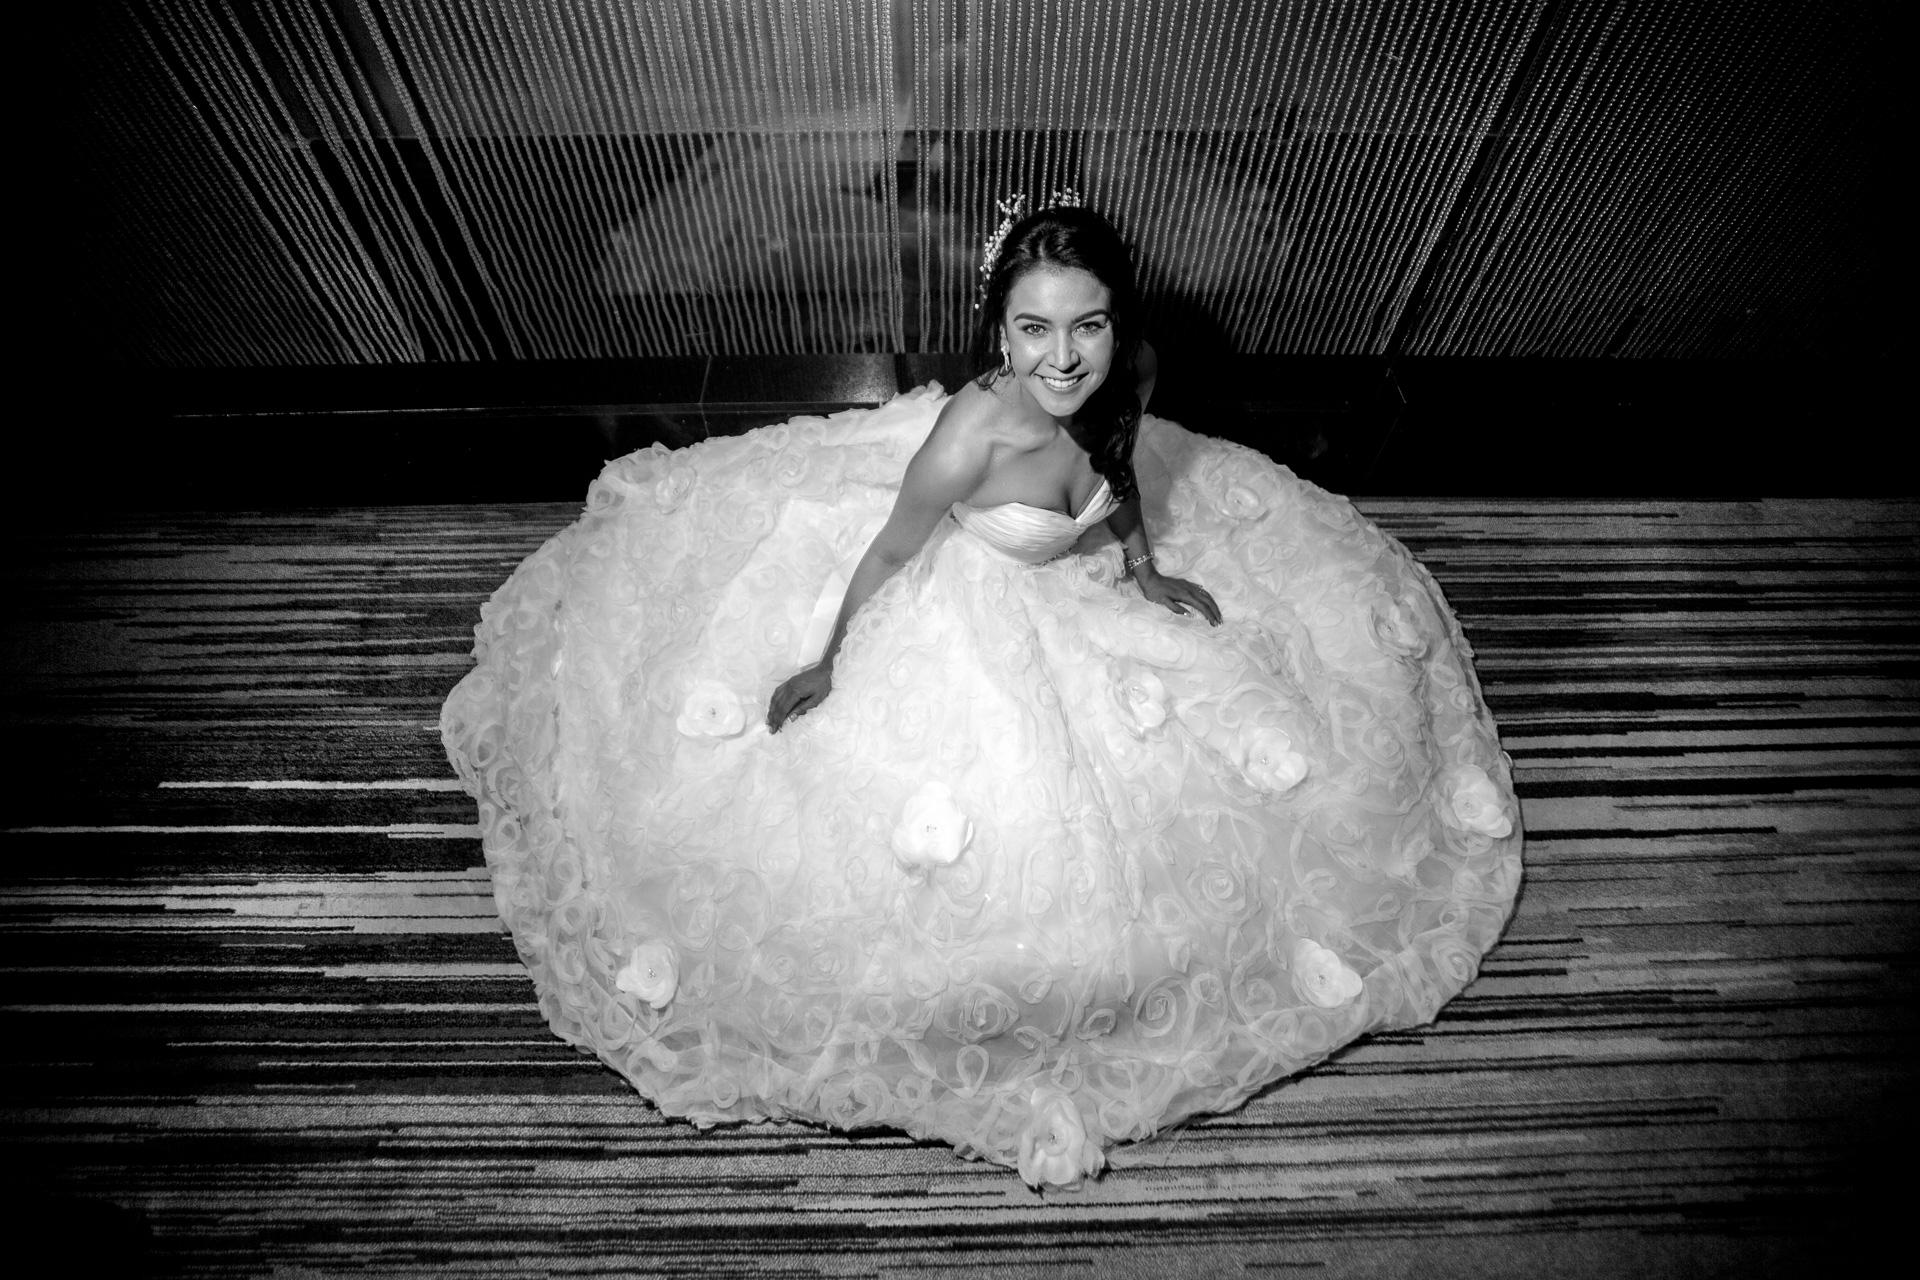 Fotógrafos-de-bodas-en-Colombia-Andrea-y-Antonio-56 ANDREA + ANTONIO